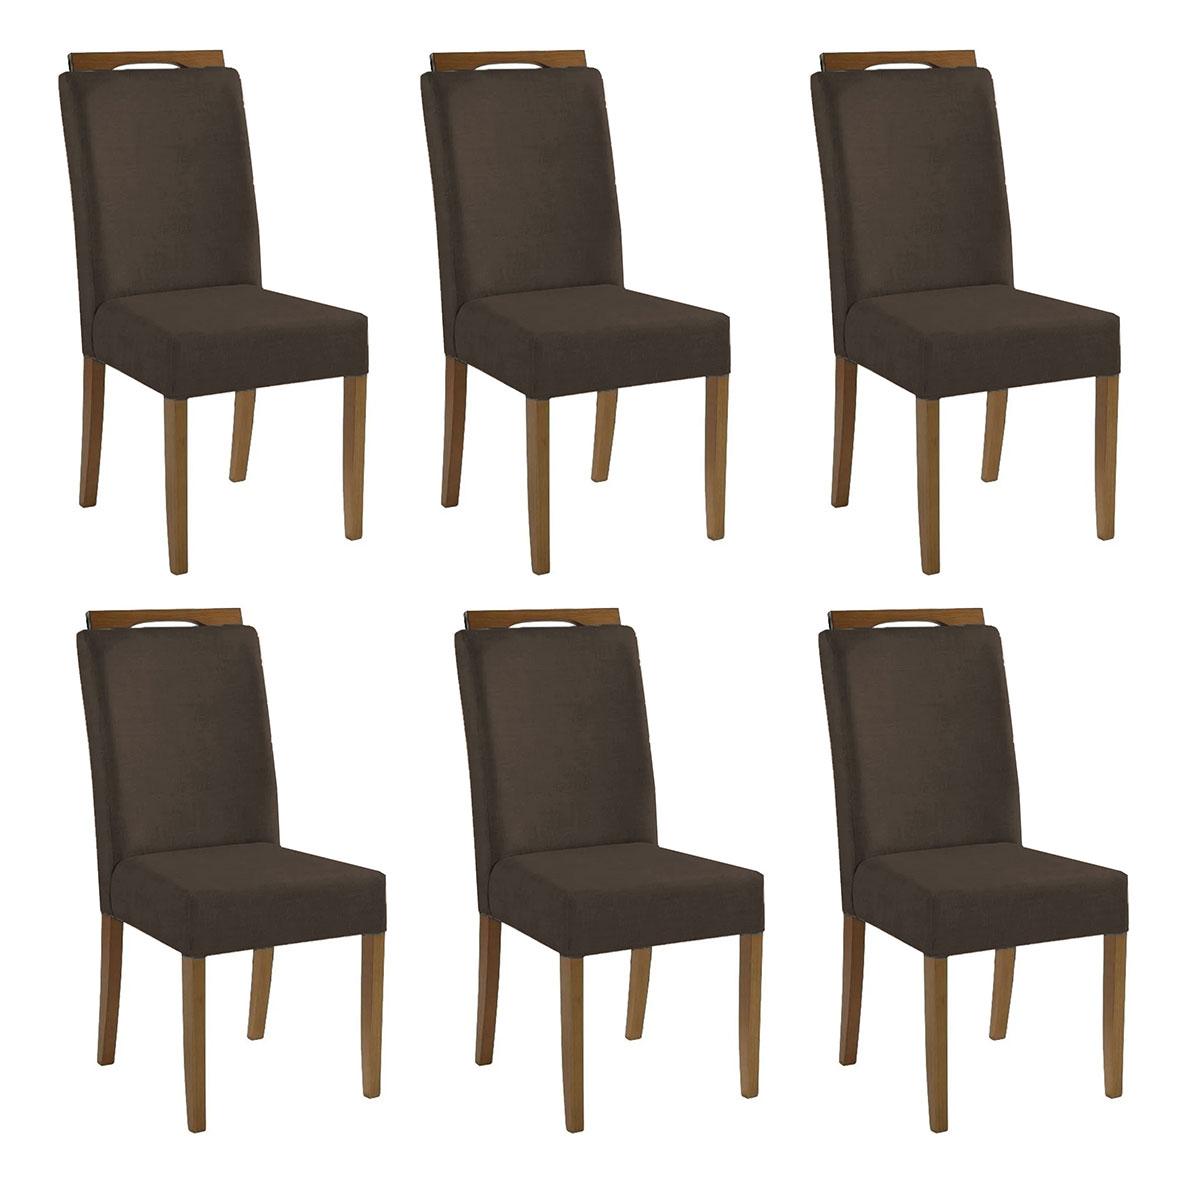 Kit 6 Cadeiras Estofadas Heloísa 100% Madeira Suede Marrom